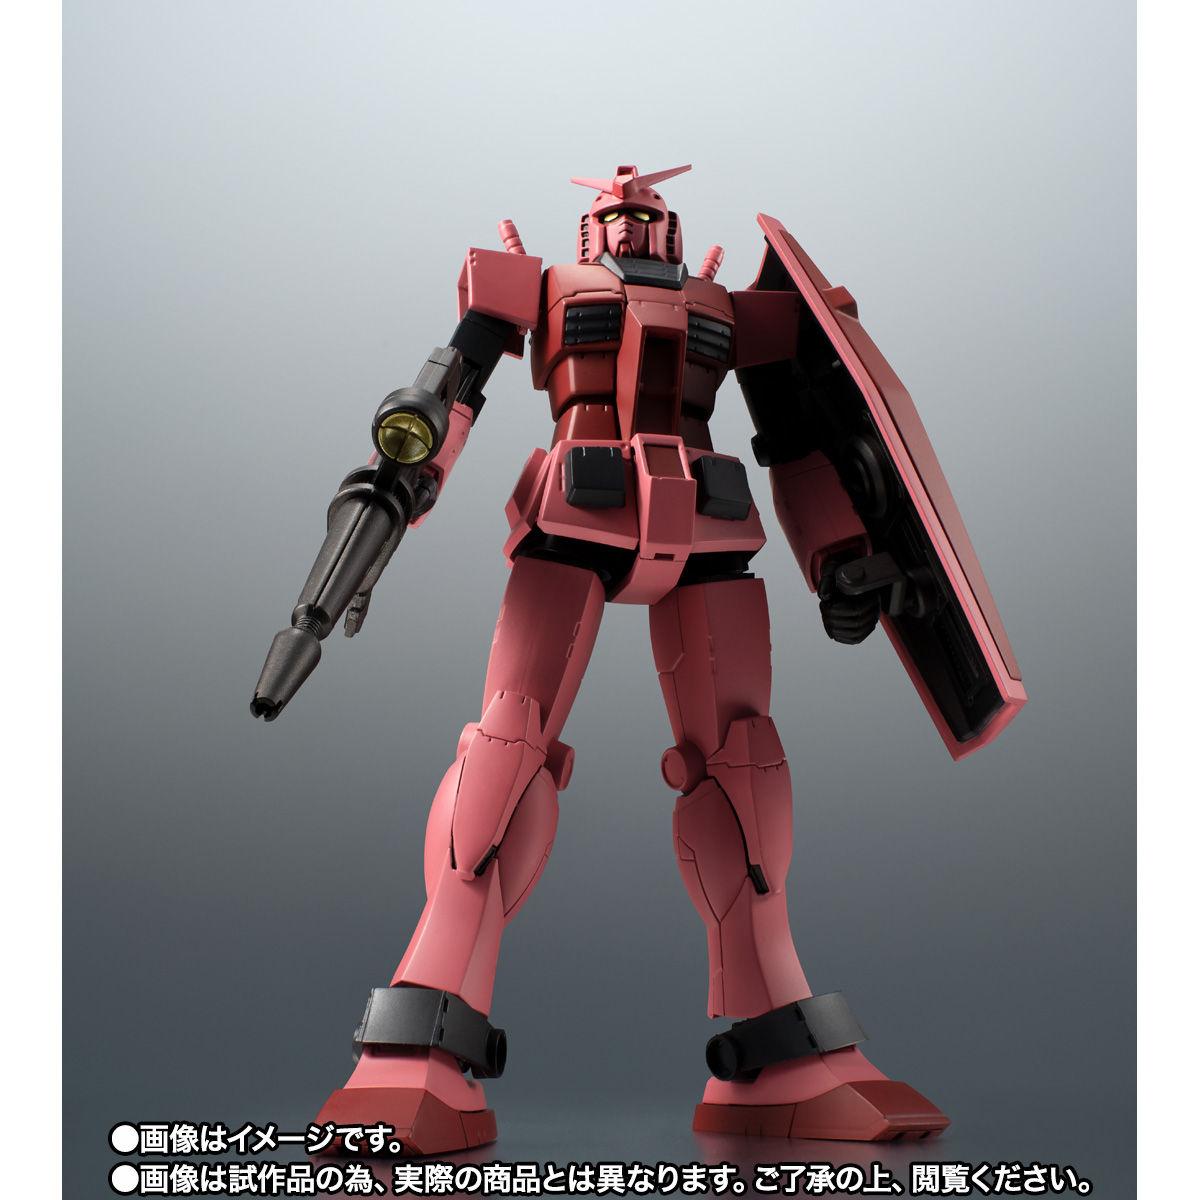 【限定販売】ROBOT魂〈SIDE MS〉『RX-78/C.A キャスバル専用ガンダム ver. A.N.I.M.E.』ギレンの野望 可動フィギュア-004